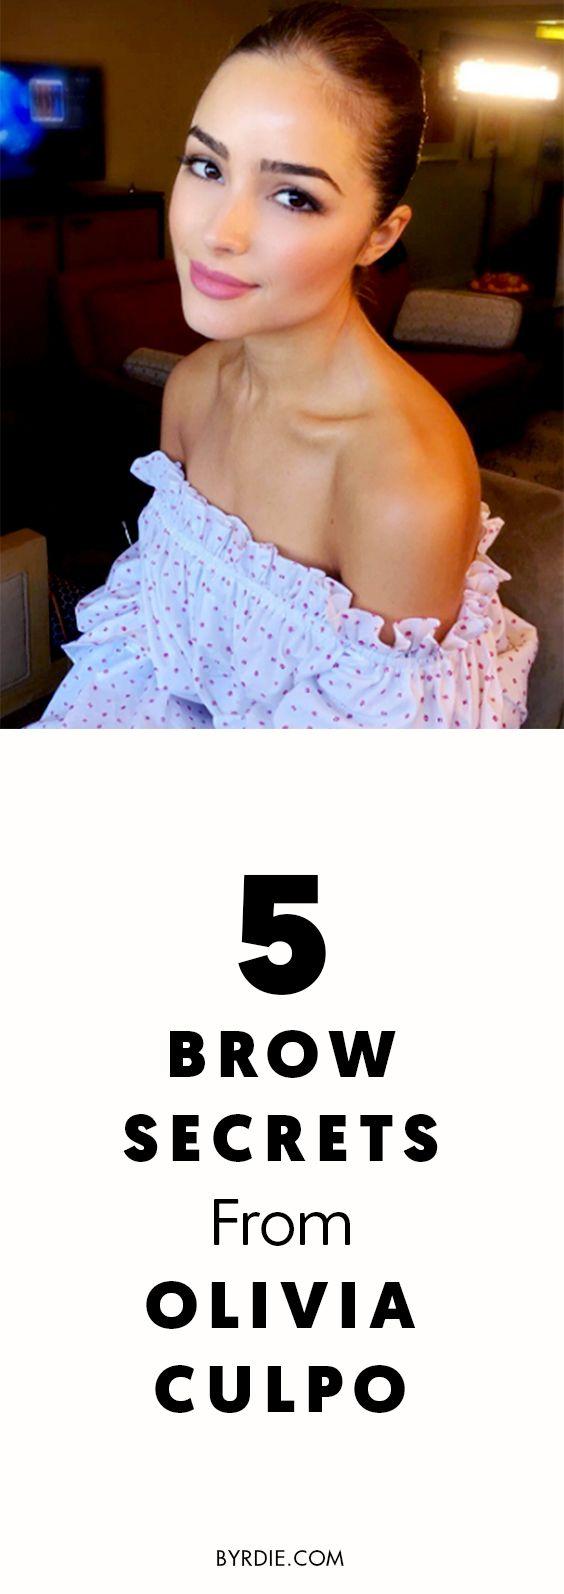 Olivia Culpo's go-to brow secrets